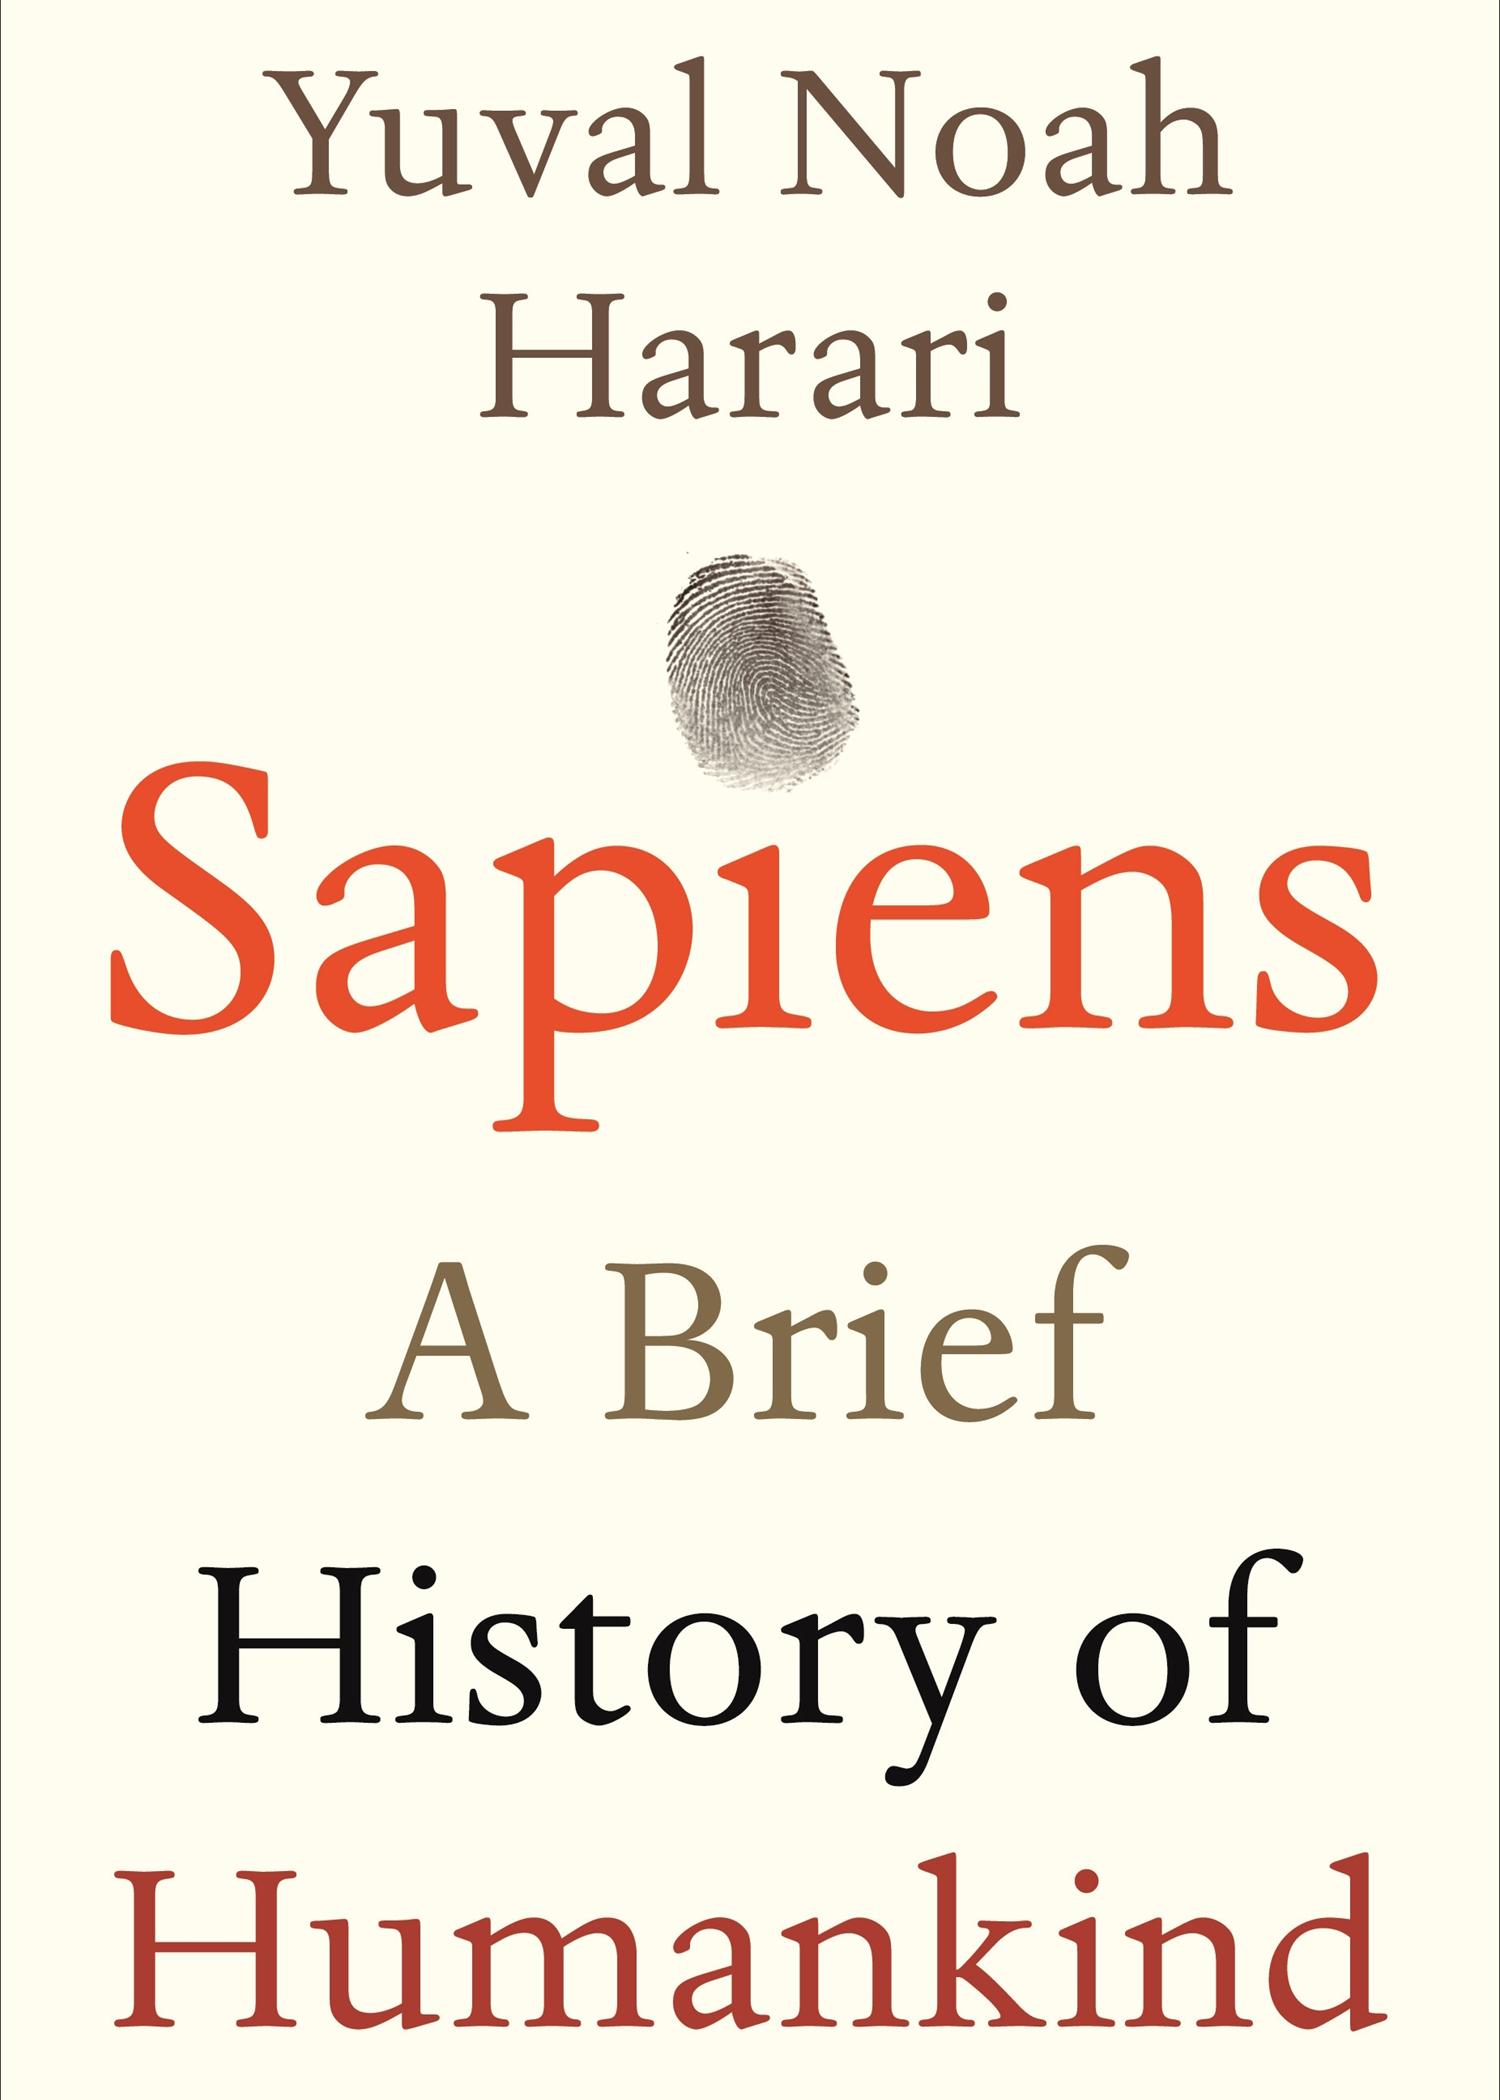 Harari, Yuval Noah - Sapiens.jpg